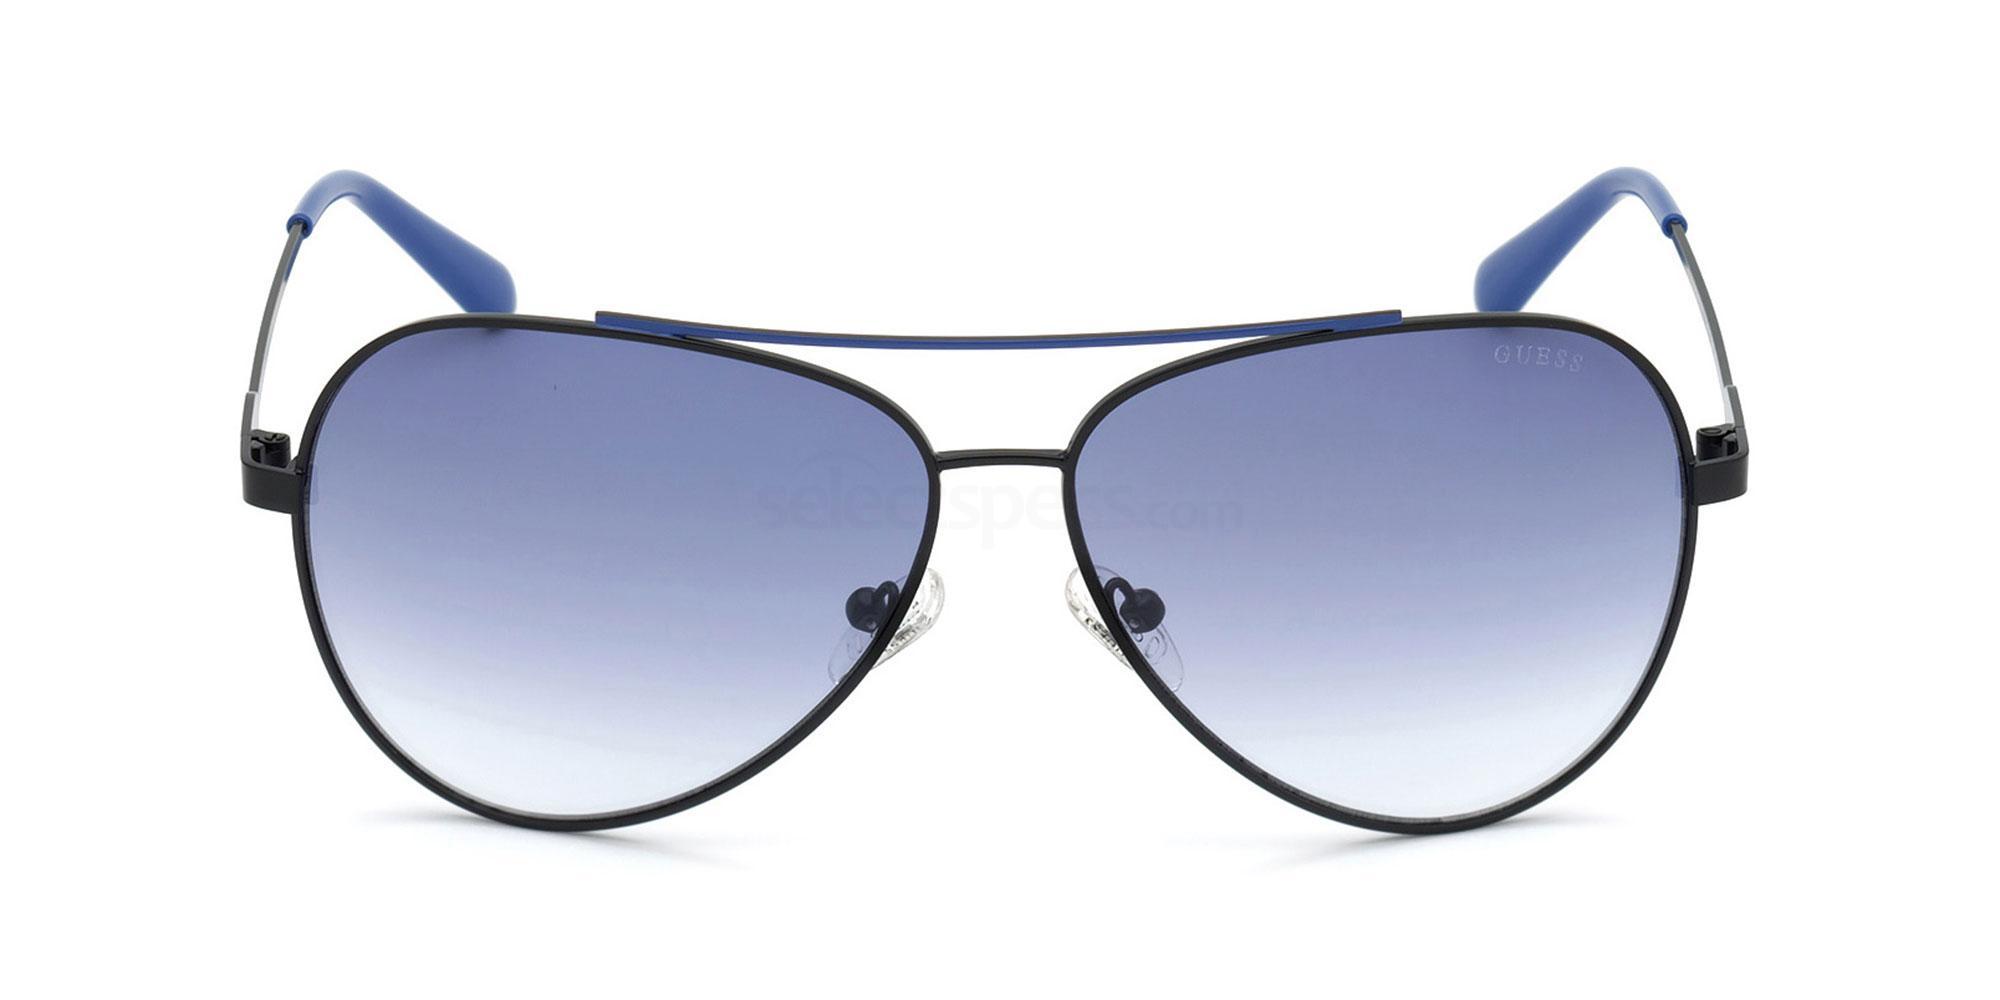 02W GU6972 Sunglasses, Guess